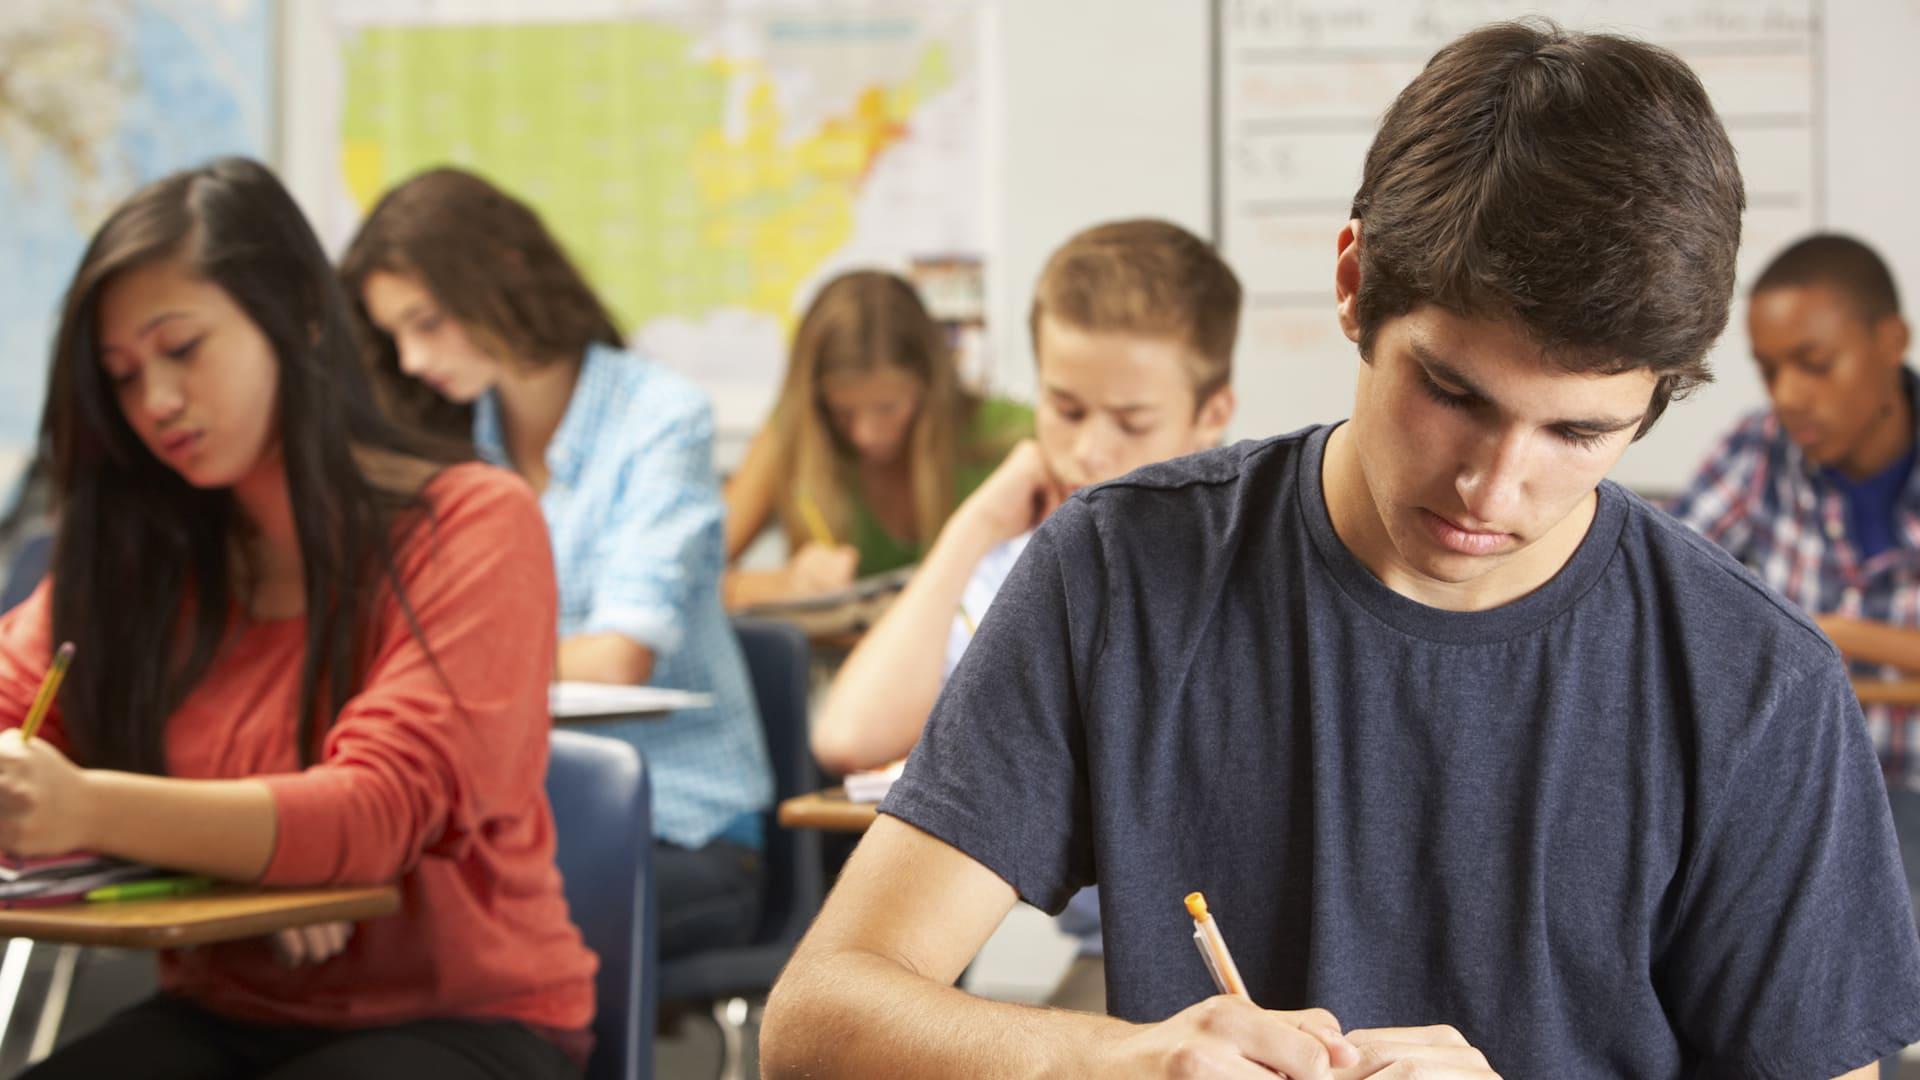 Общее образование является обязательным. Родители (законные представители) несовершеннолетних обязаны обеспечить получение детьми общего образования.